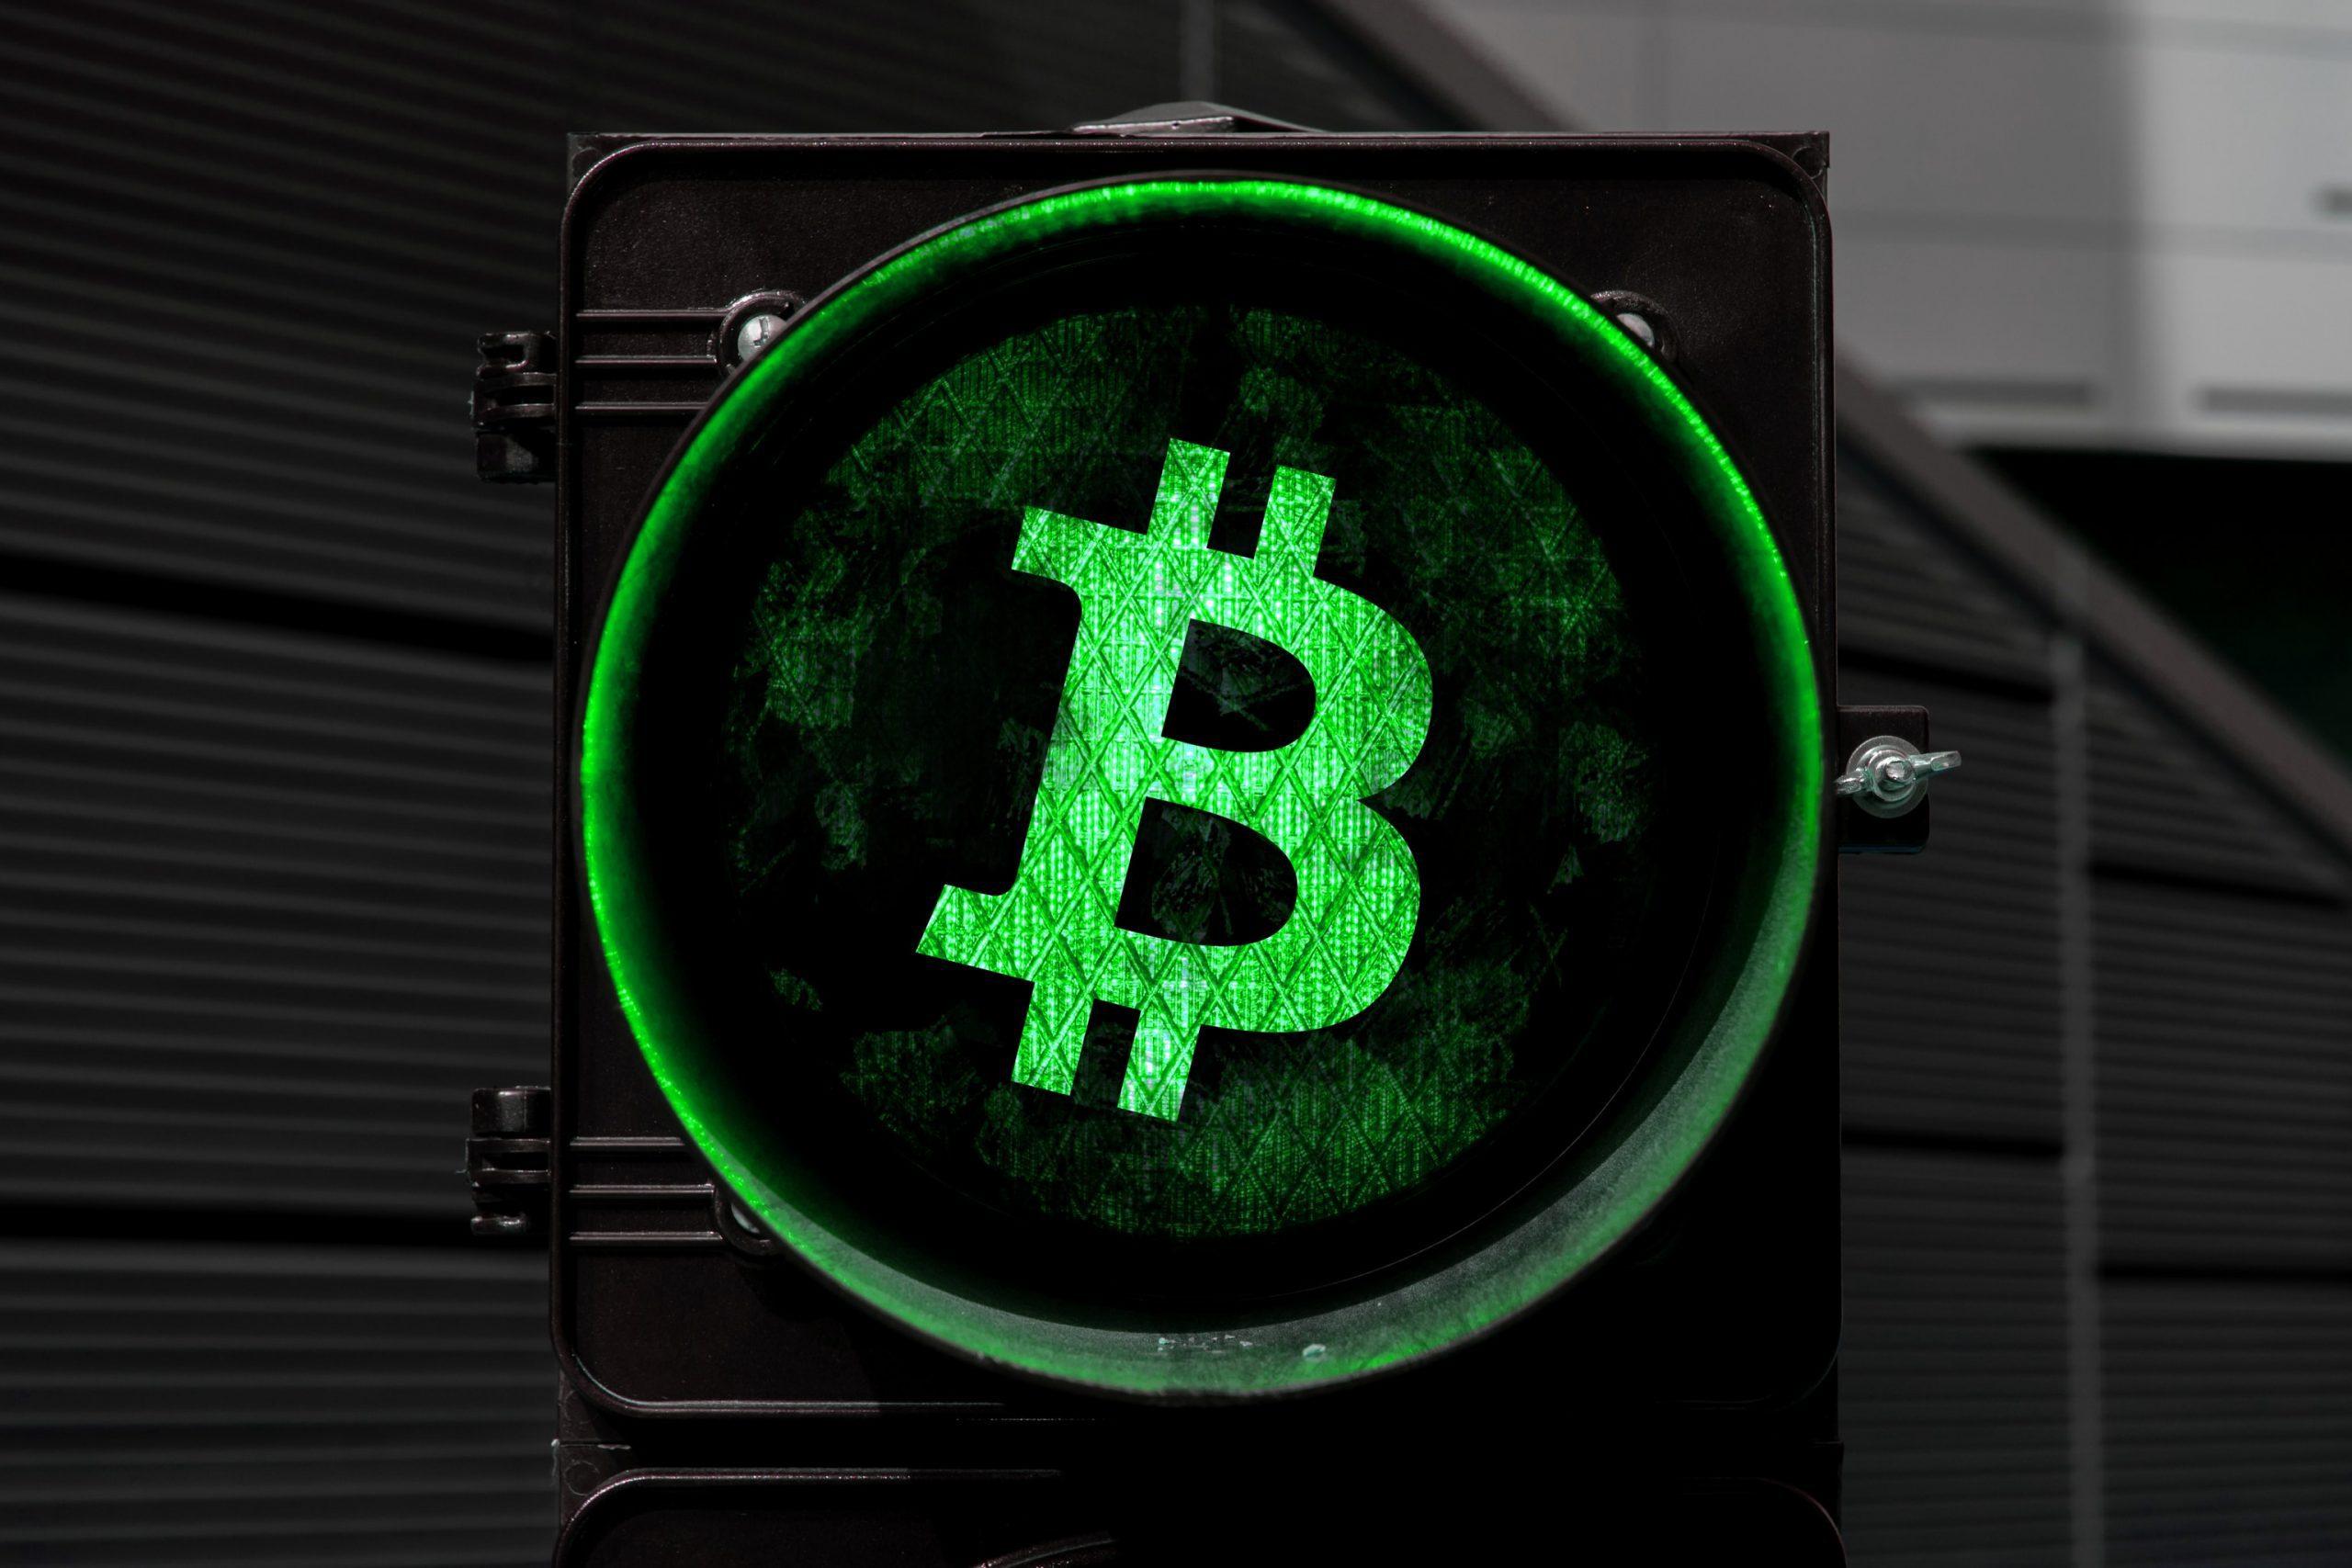 Bitcoin-Kurs durch grüne Ampel repräsentiert